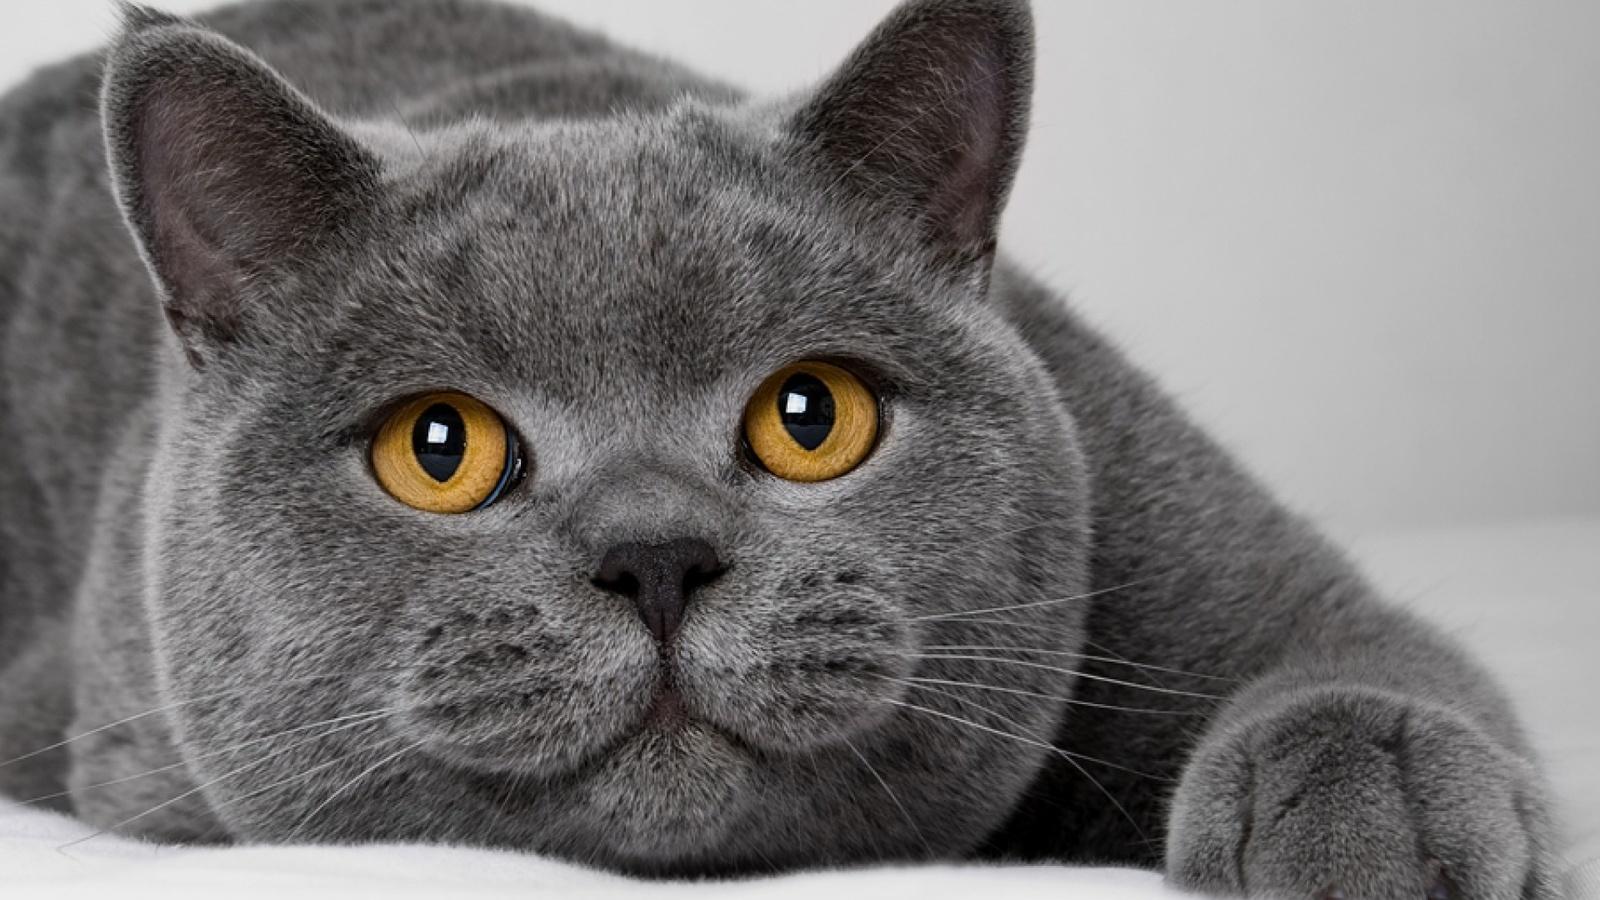 Картинки британских котов приколы, днем